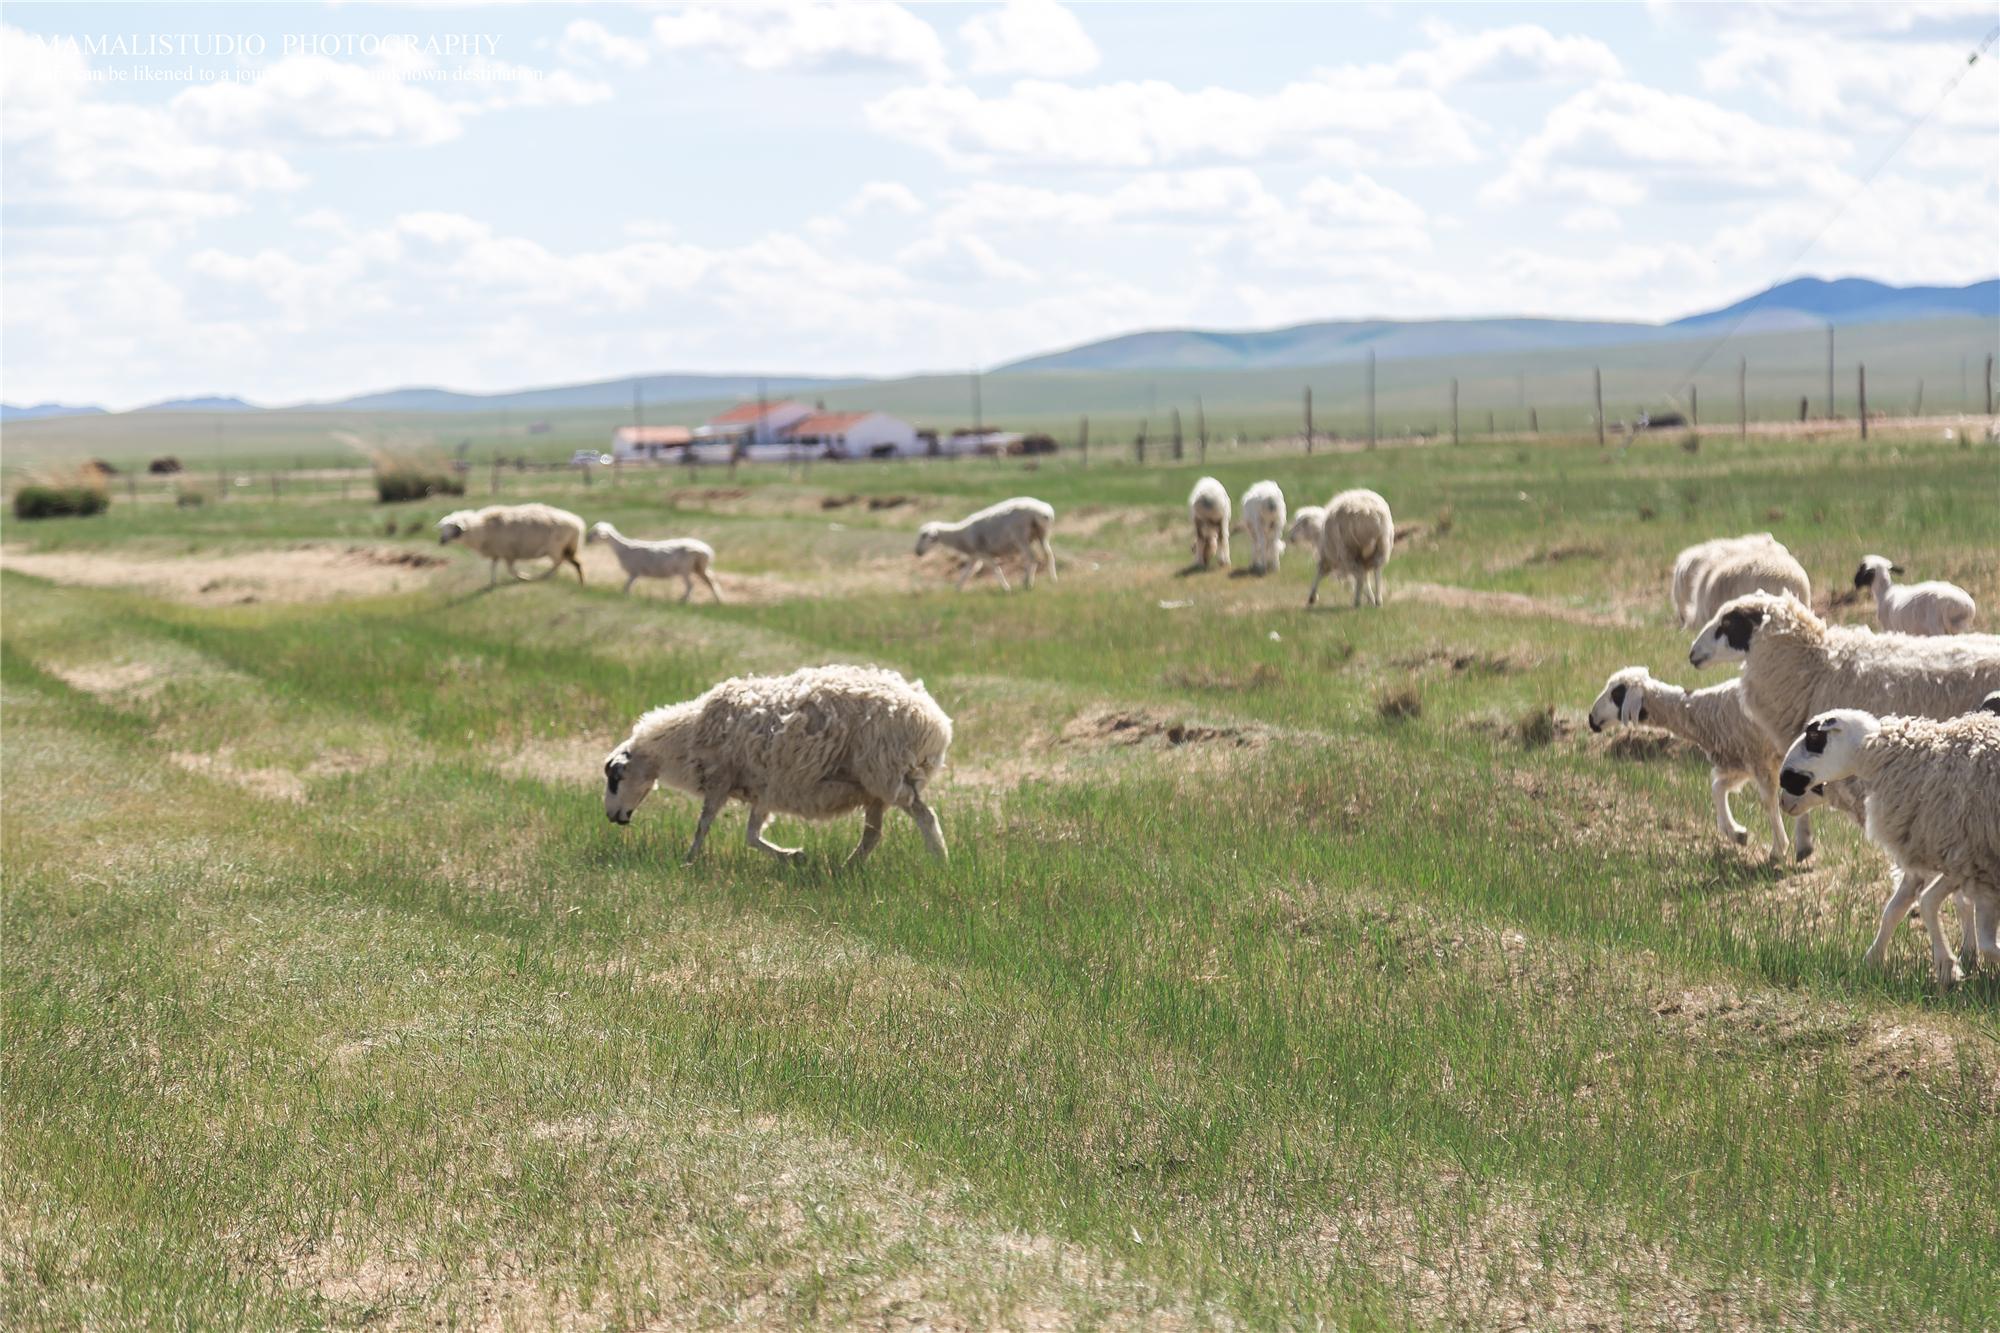 锡林郭勒盟蒙古汗城,在这里假装做一个套马的汉子